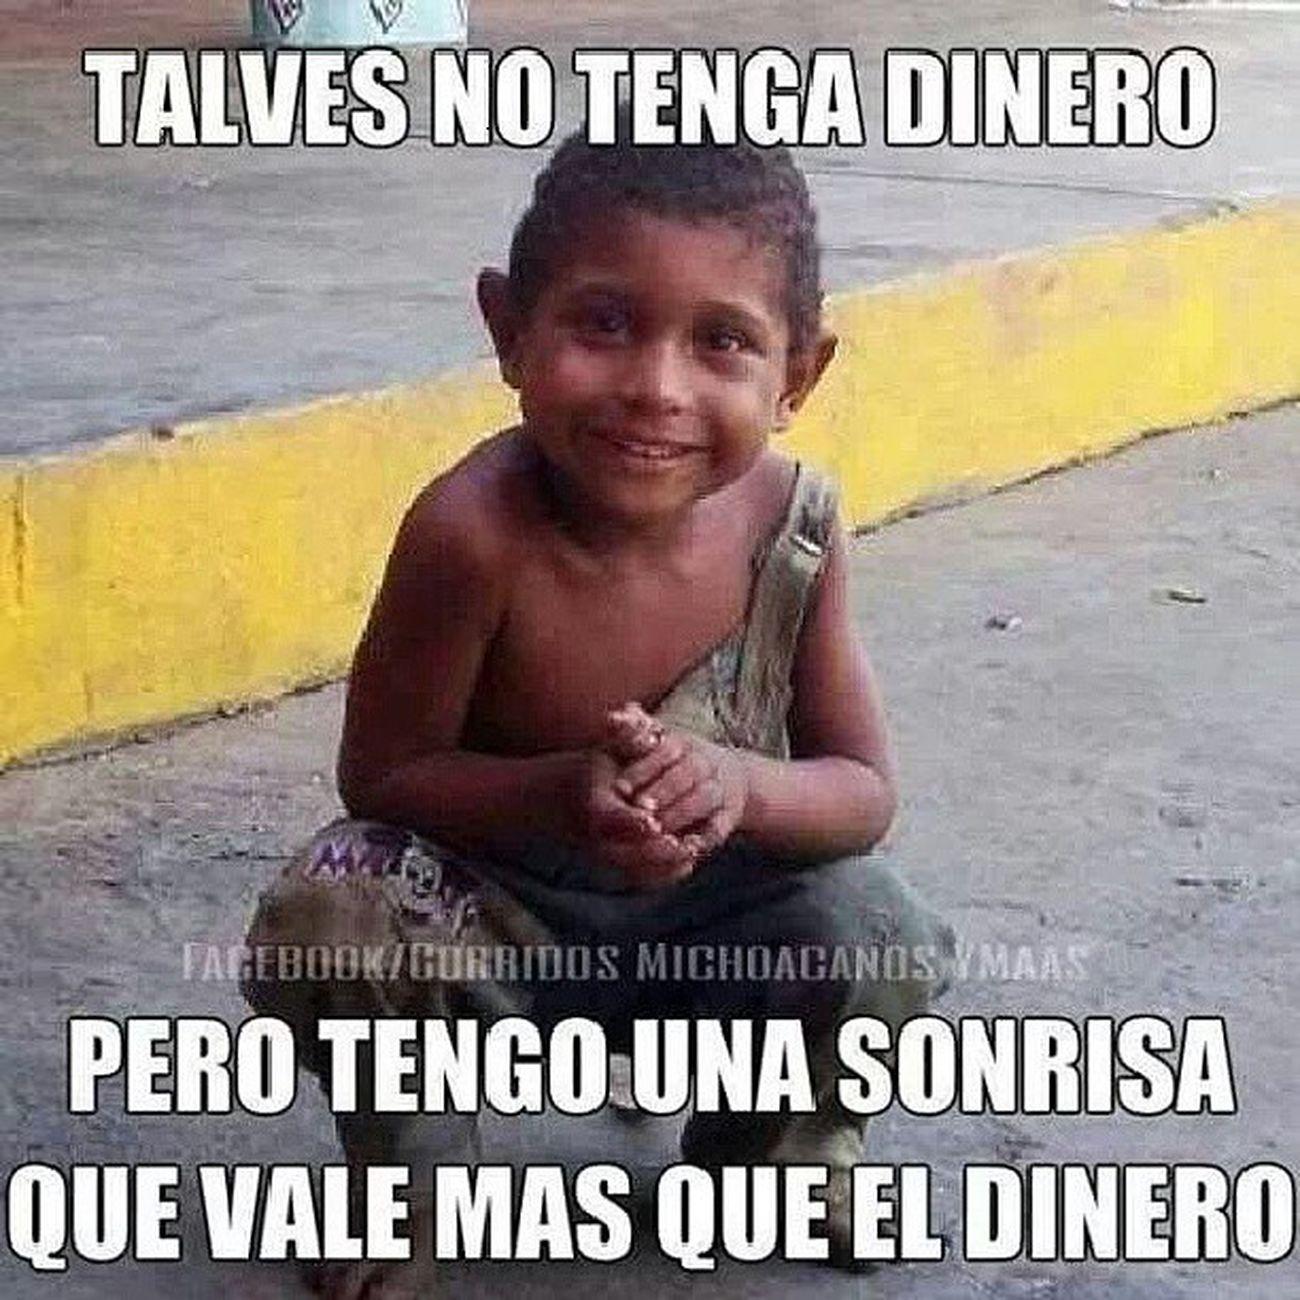 Talves